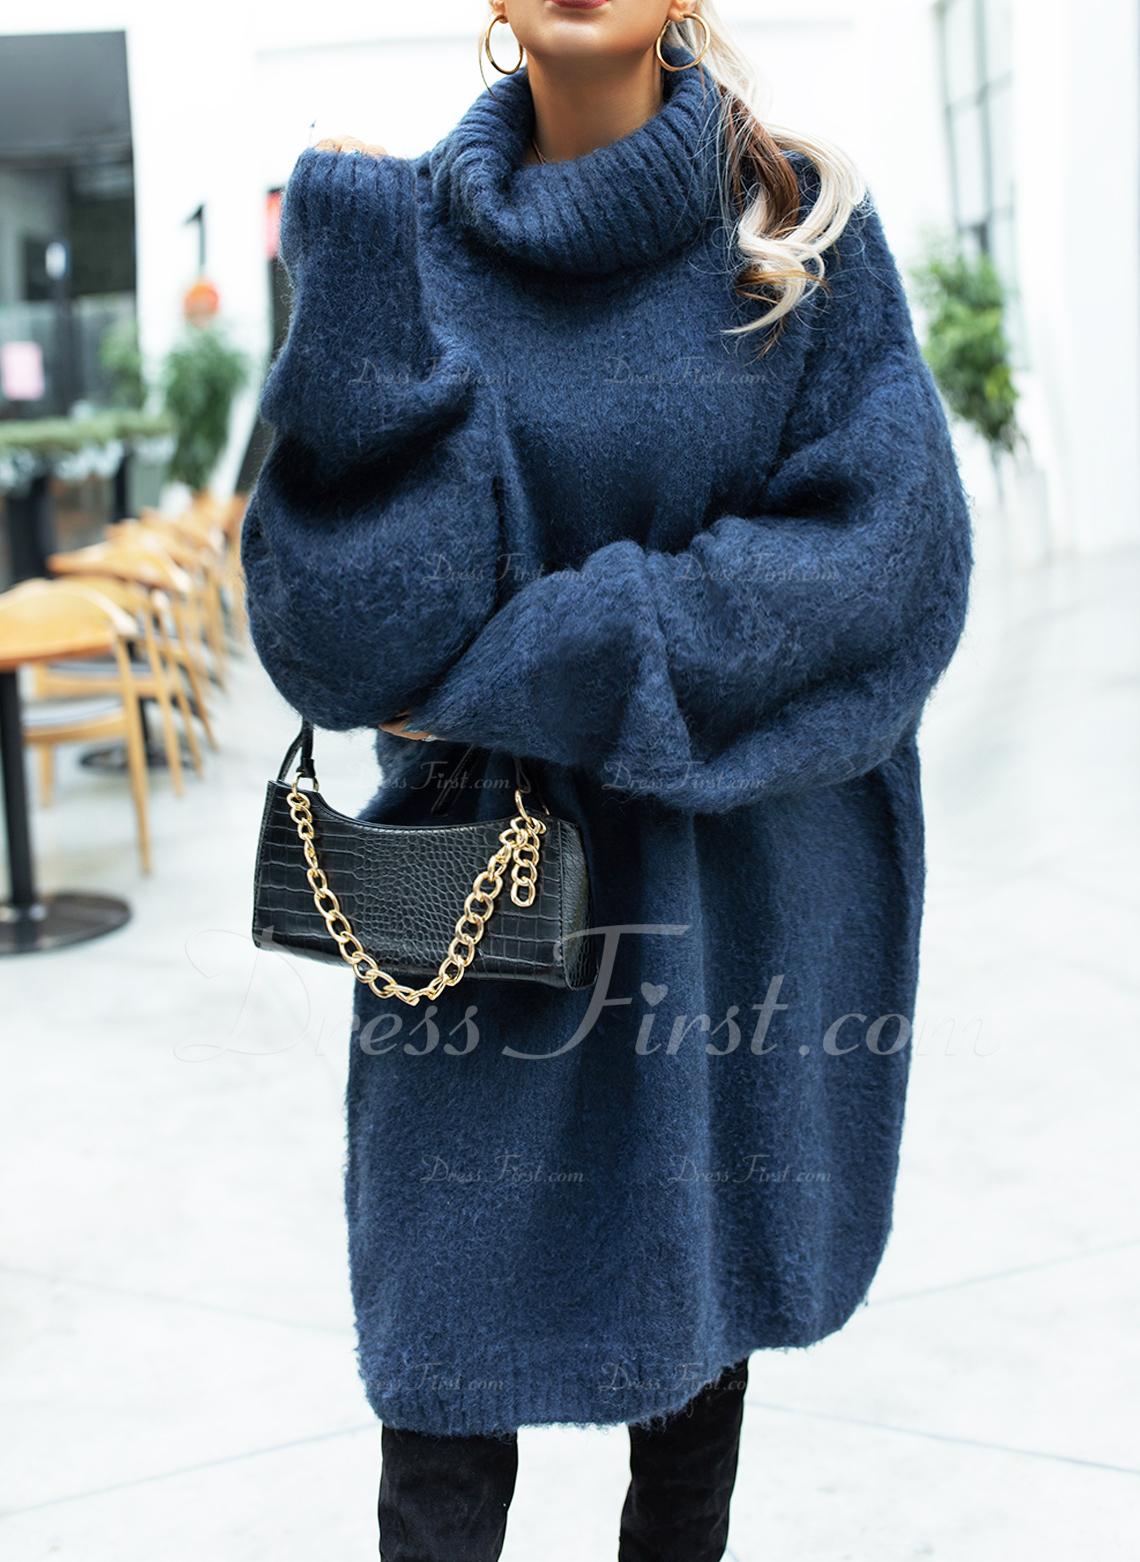 Rollkragen Lässige Kleidung Lange Einfarbig Zopfmuster Grobstrick Pullover